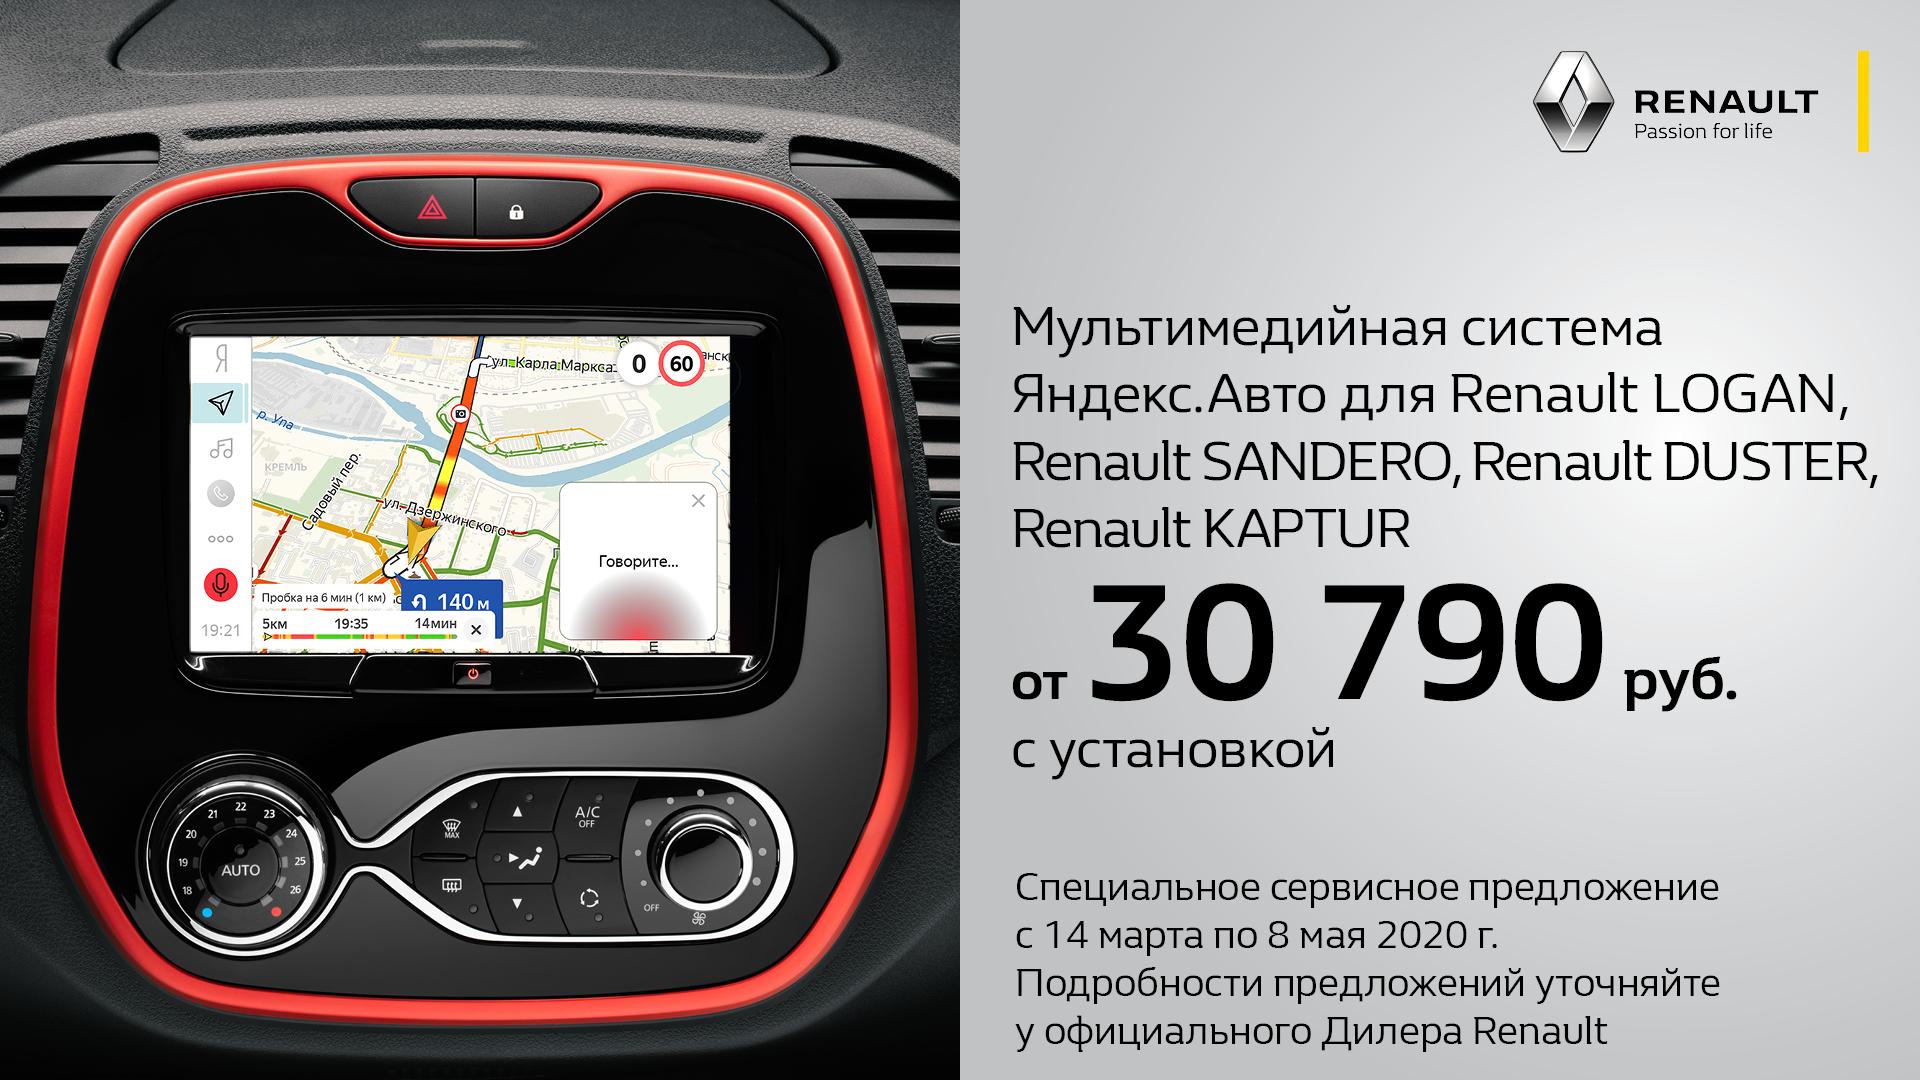 Мультимедийная система Яндекс.Авто